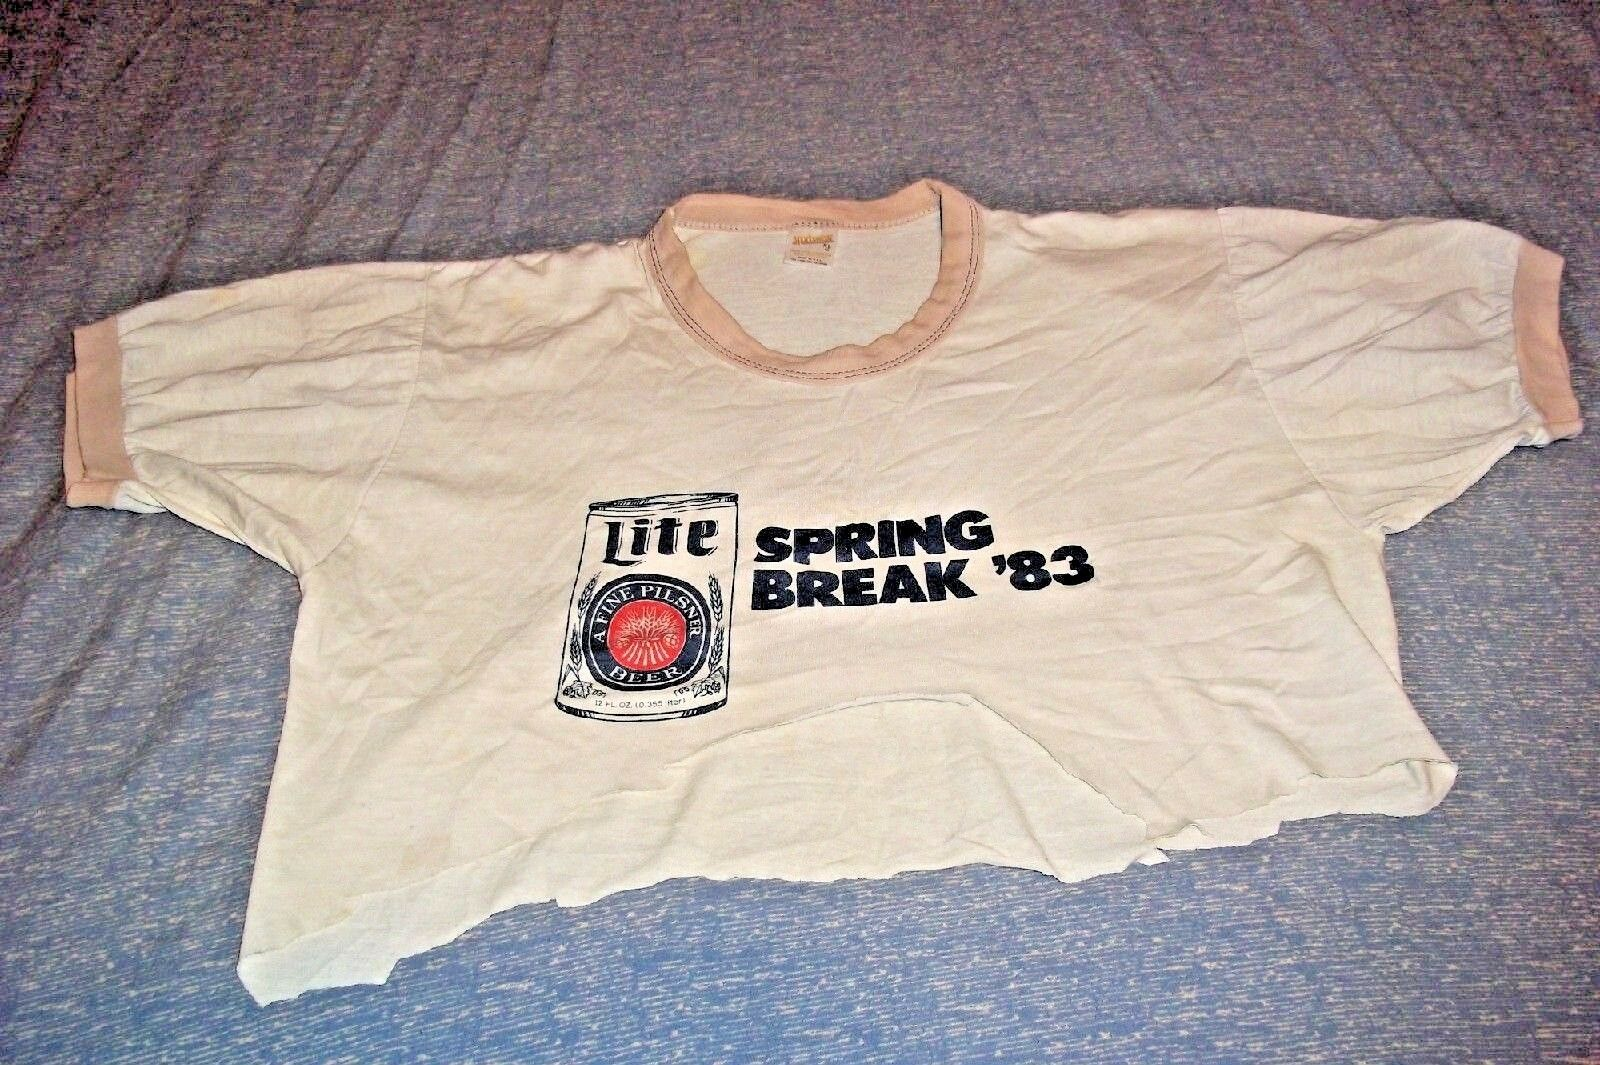 Miller Lite Spring Break '83 Vintage 1983 T-Shirt SPI Torn & Stains Med Made USA